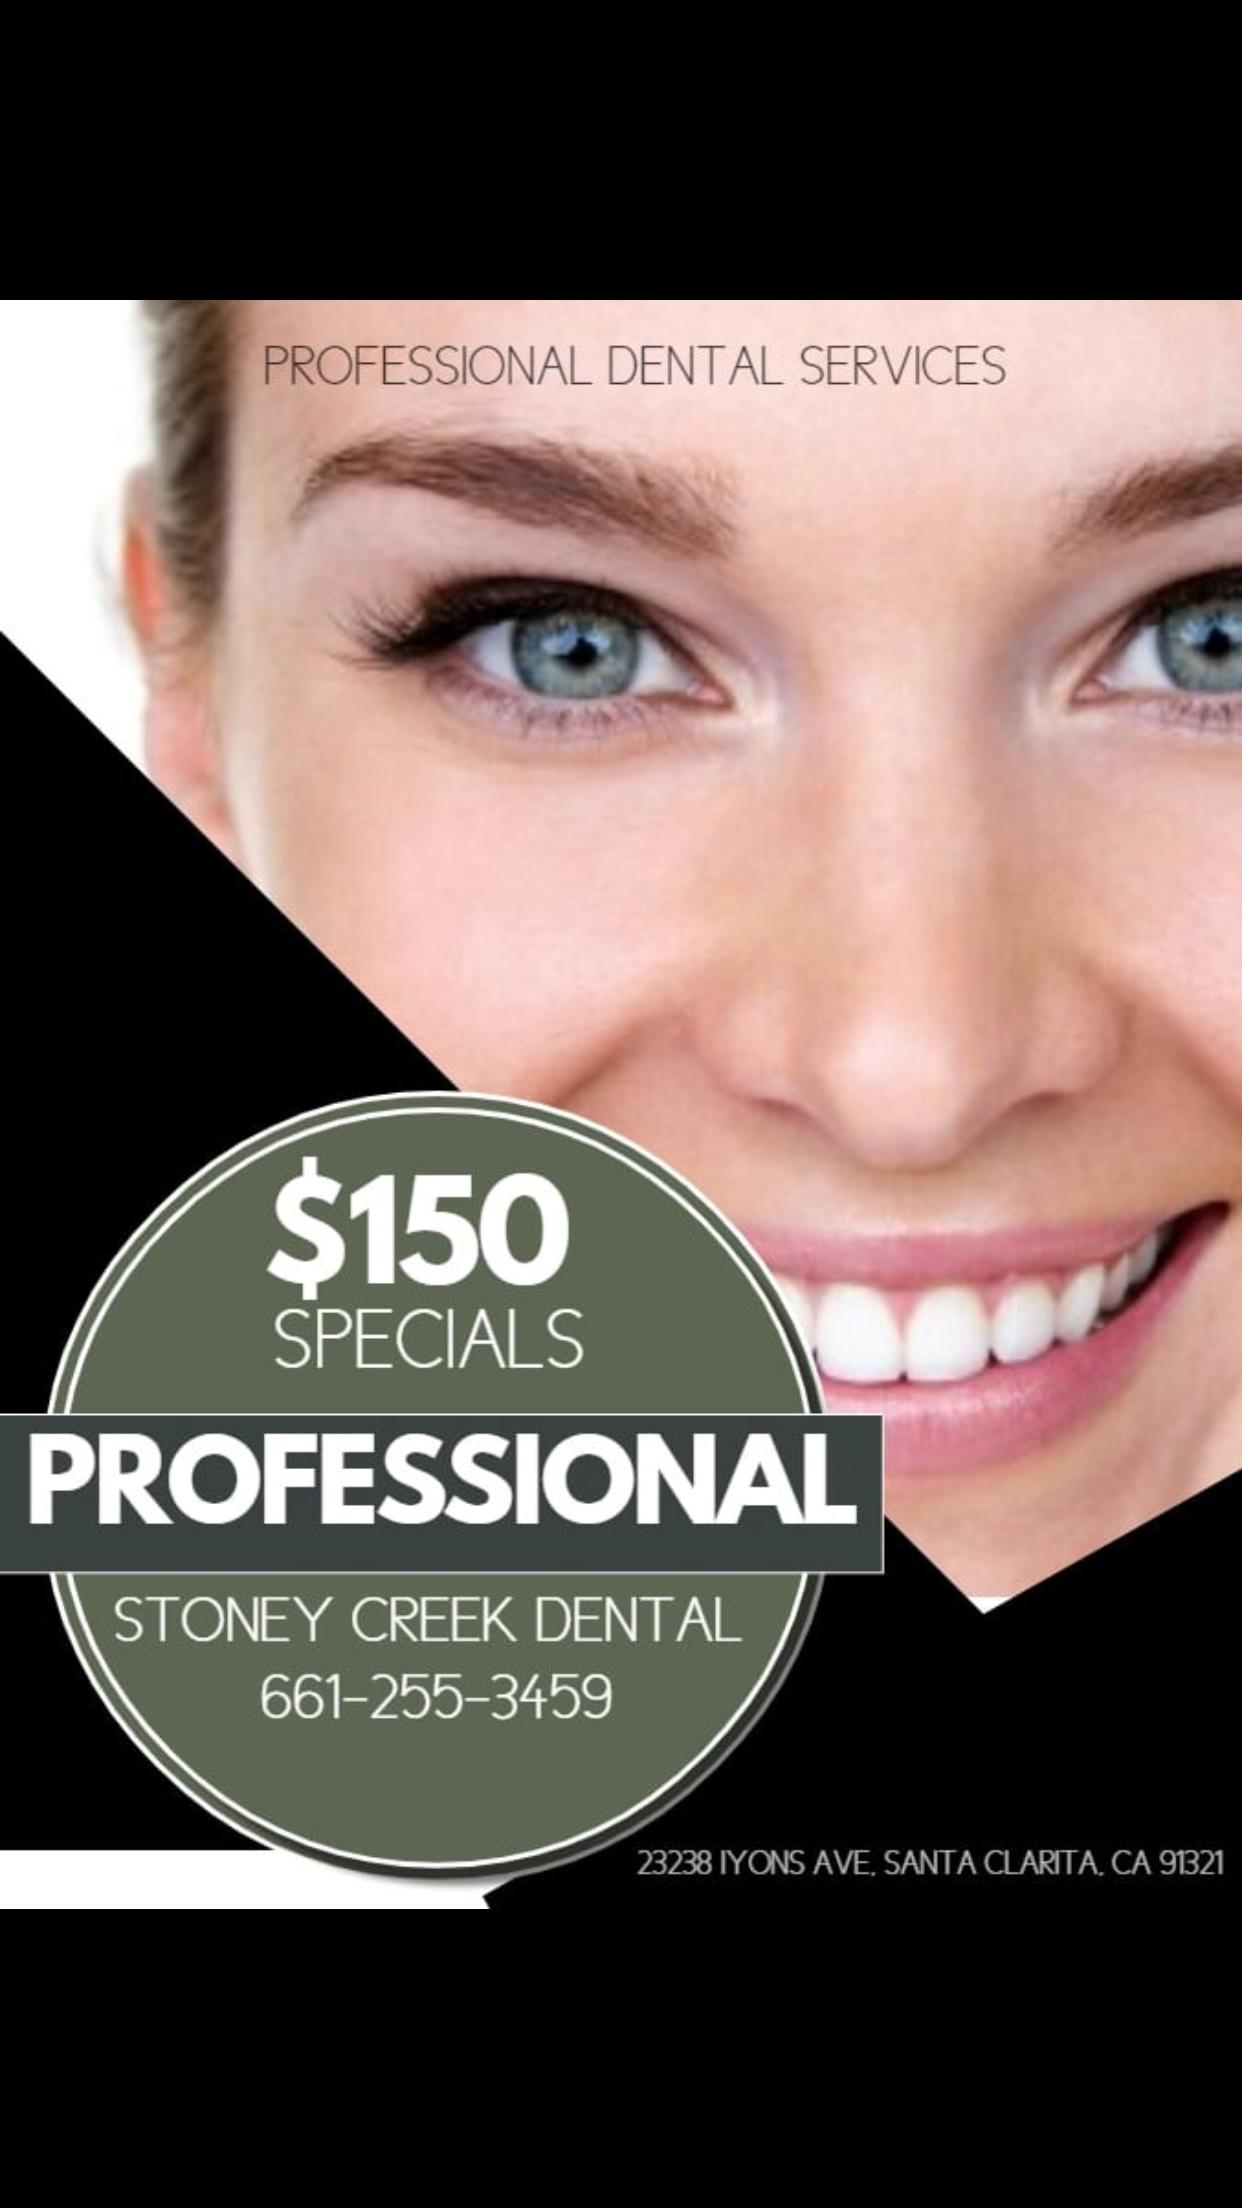 Dentist In Santa Clarita, dental Services Special. (Dental